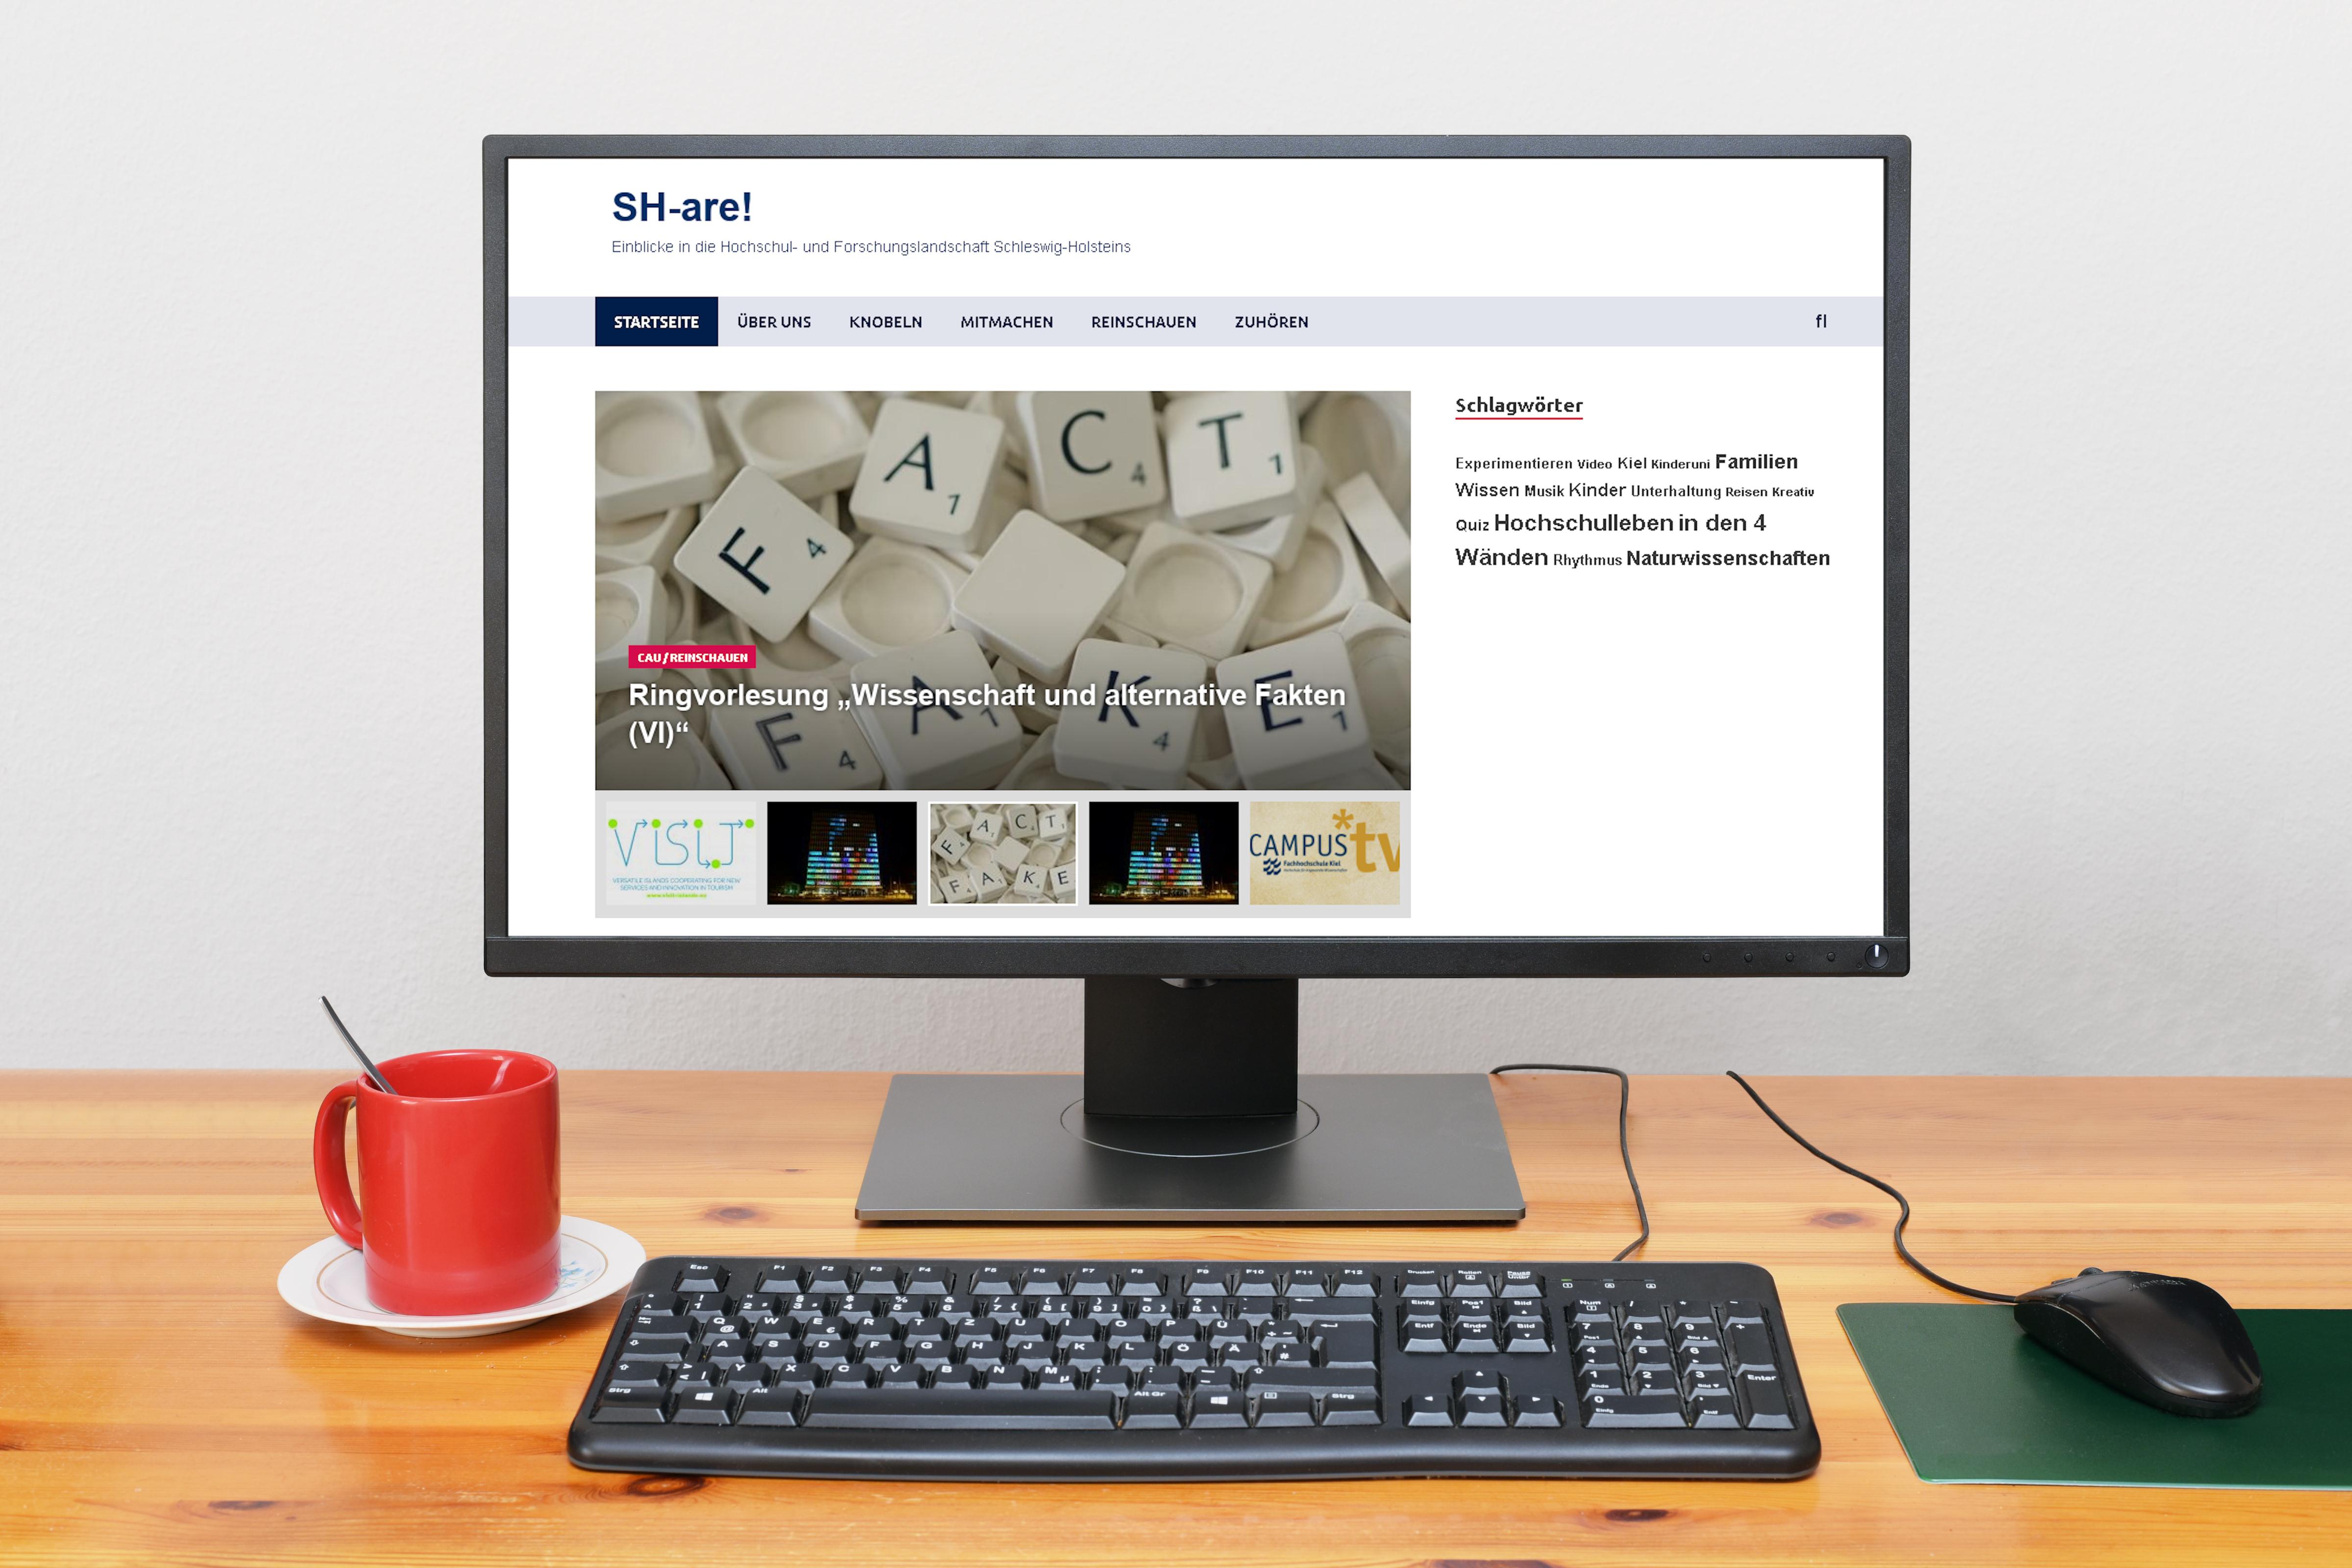 Spannende Einblicke in die Hochschul- und Forschungslandschaft: Gemeinsames Onlineangebot SH-are! startet